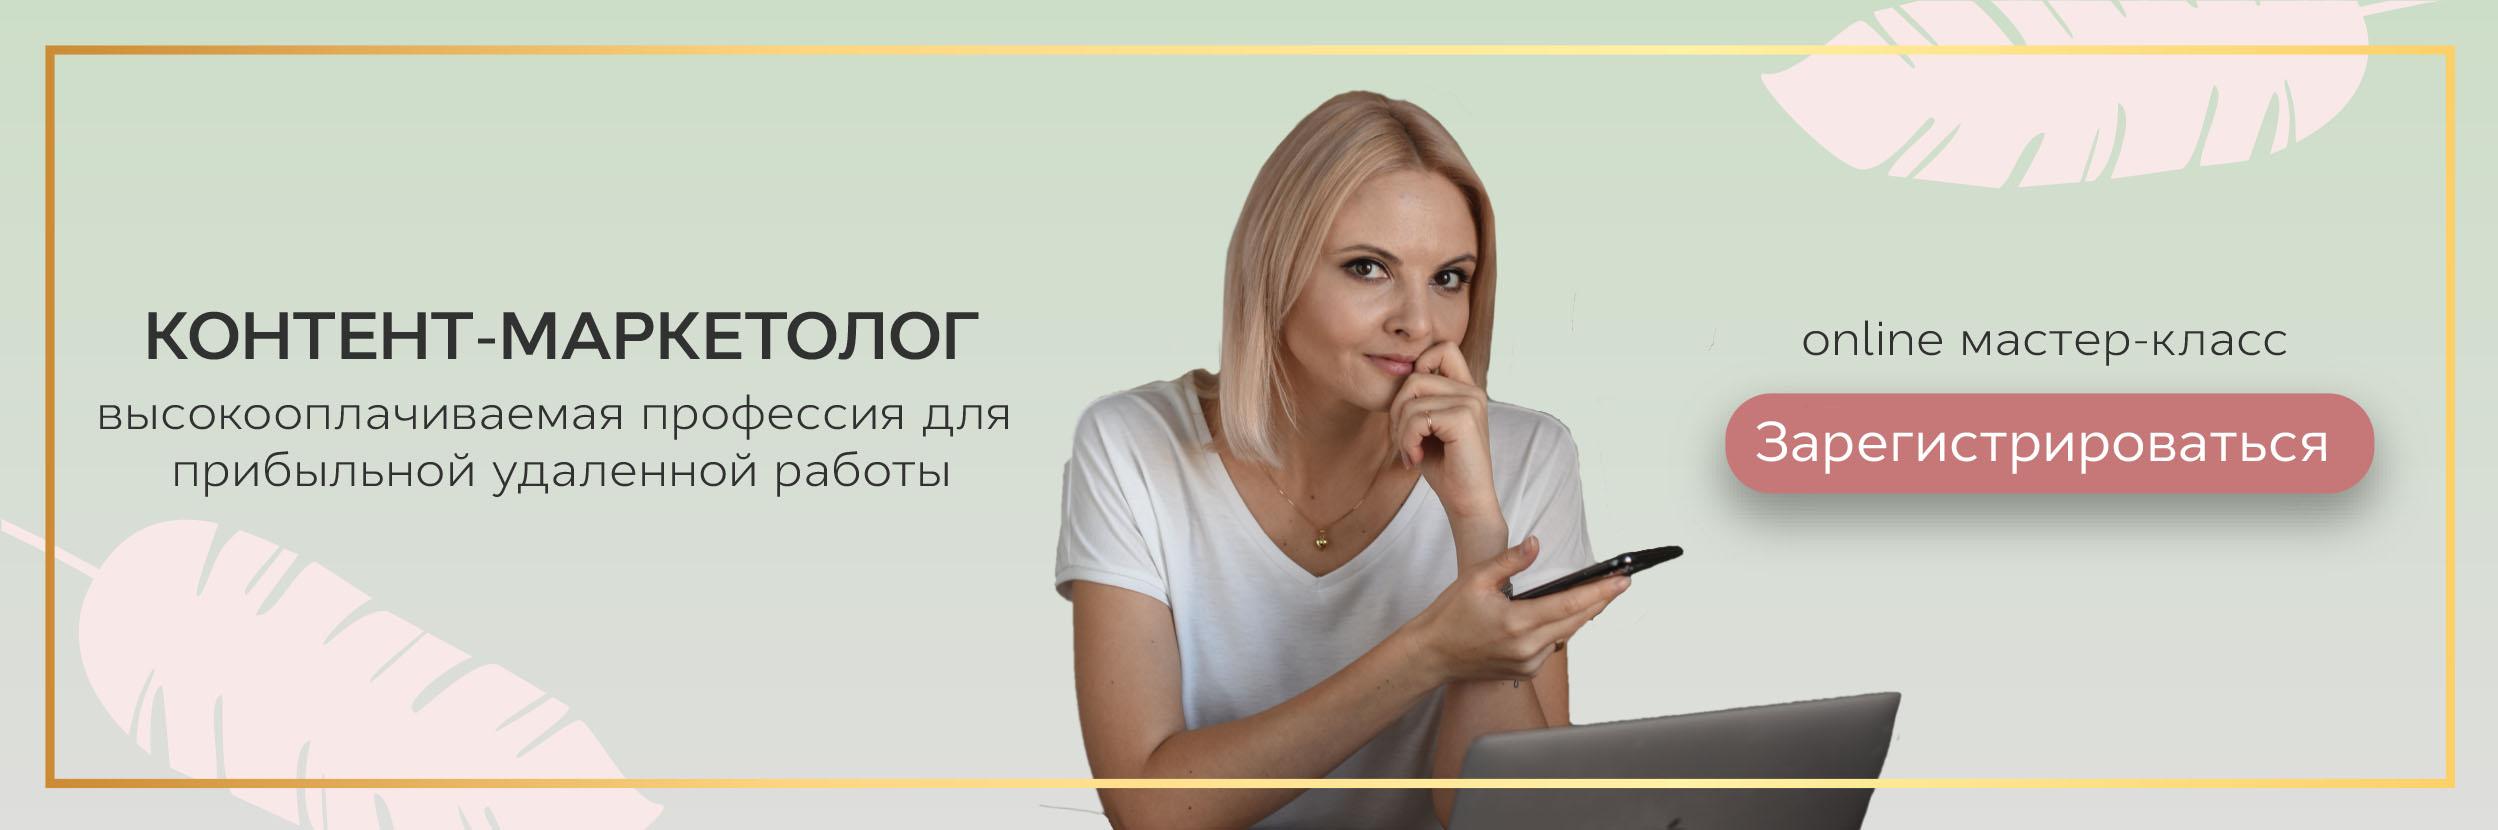 Курс контент-маркетолог